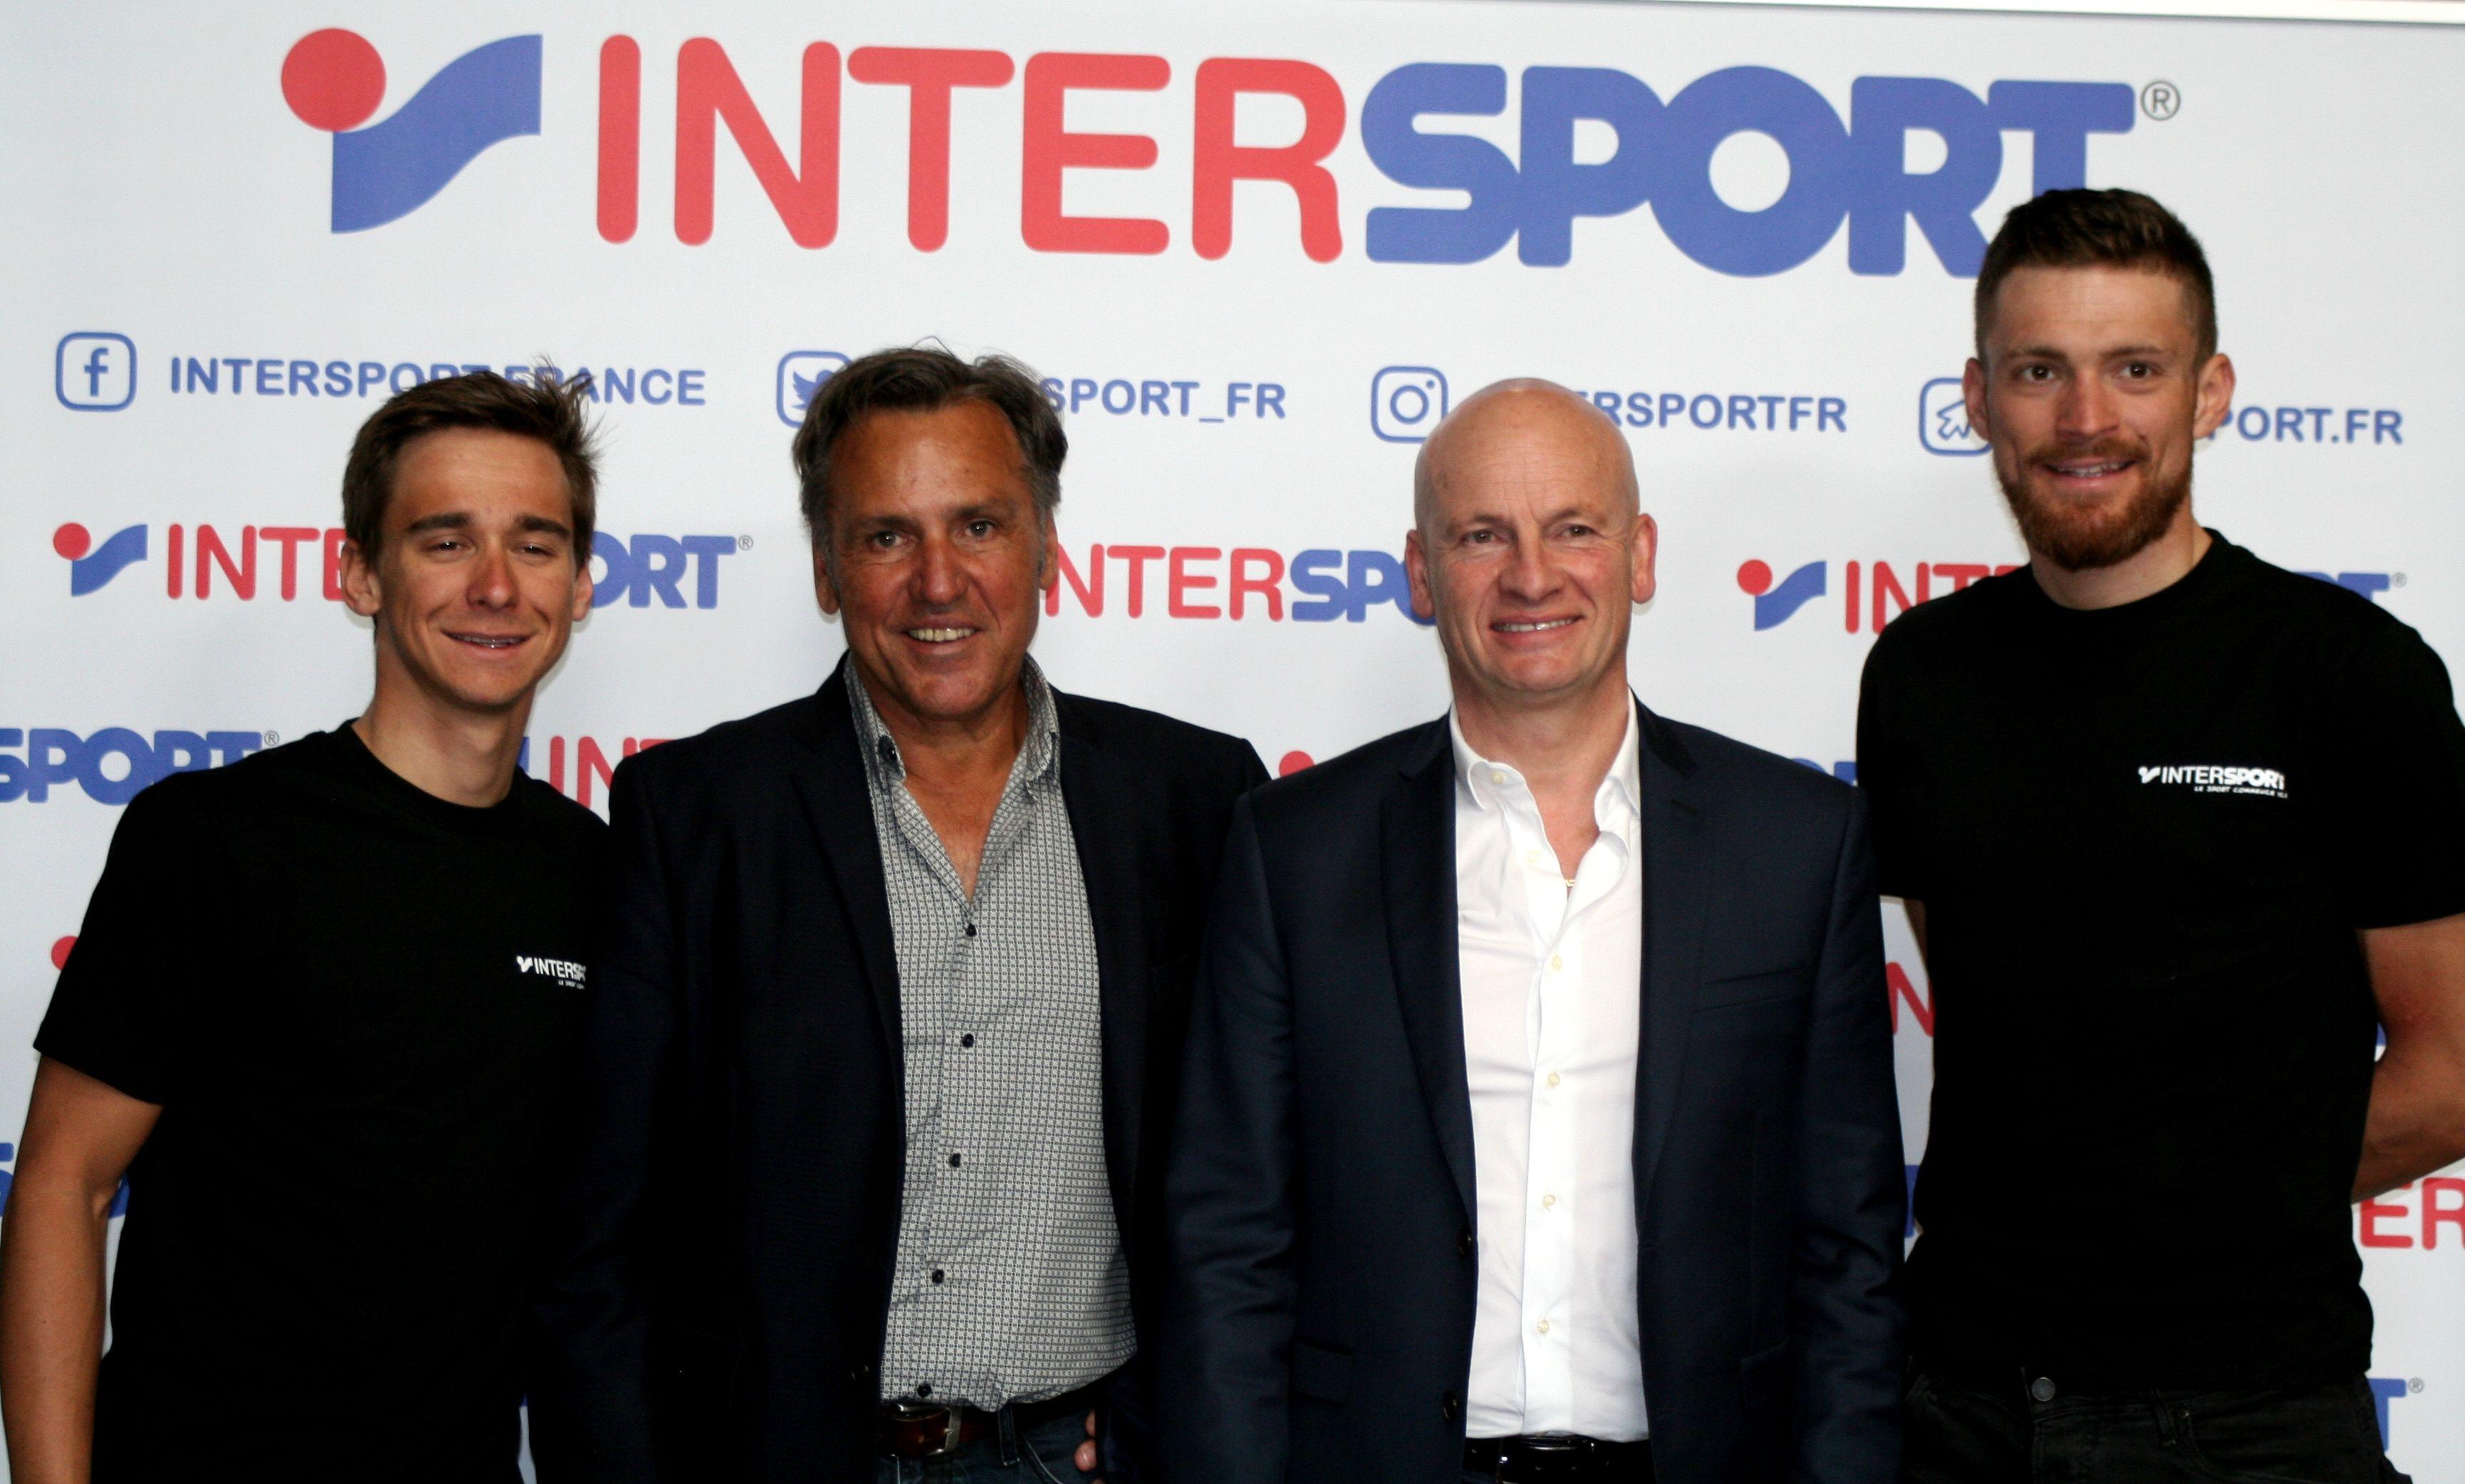 ad6d88f3c9 Cyclisme - Intersport fournisseur officiel du Team Direct Energie -  SportBuzzBusiness.fr